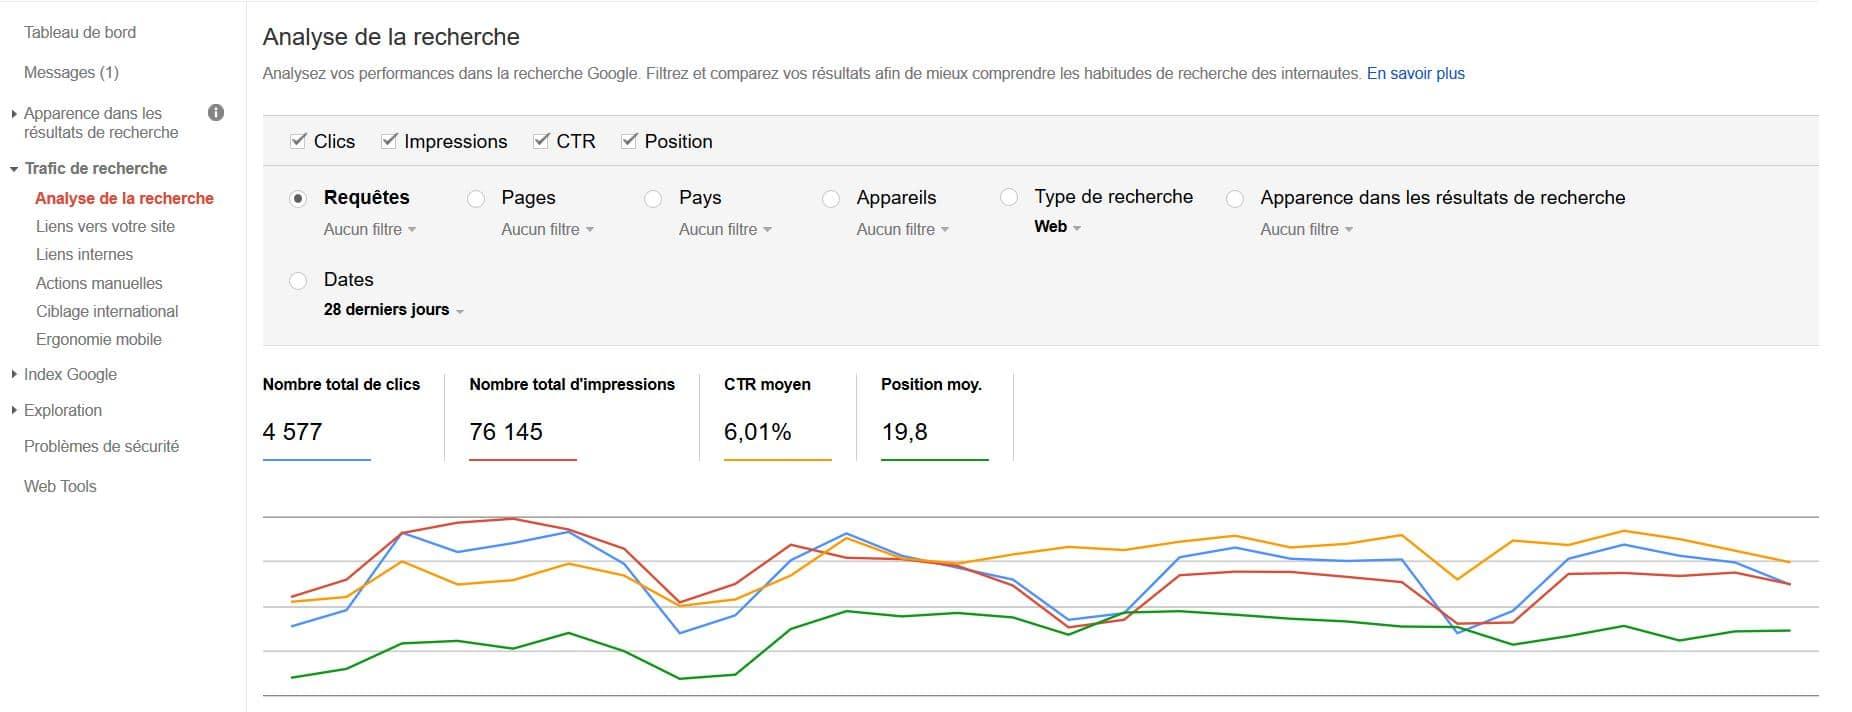 analyse de la recherche dans la search console de google